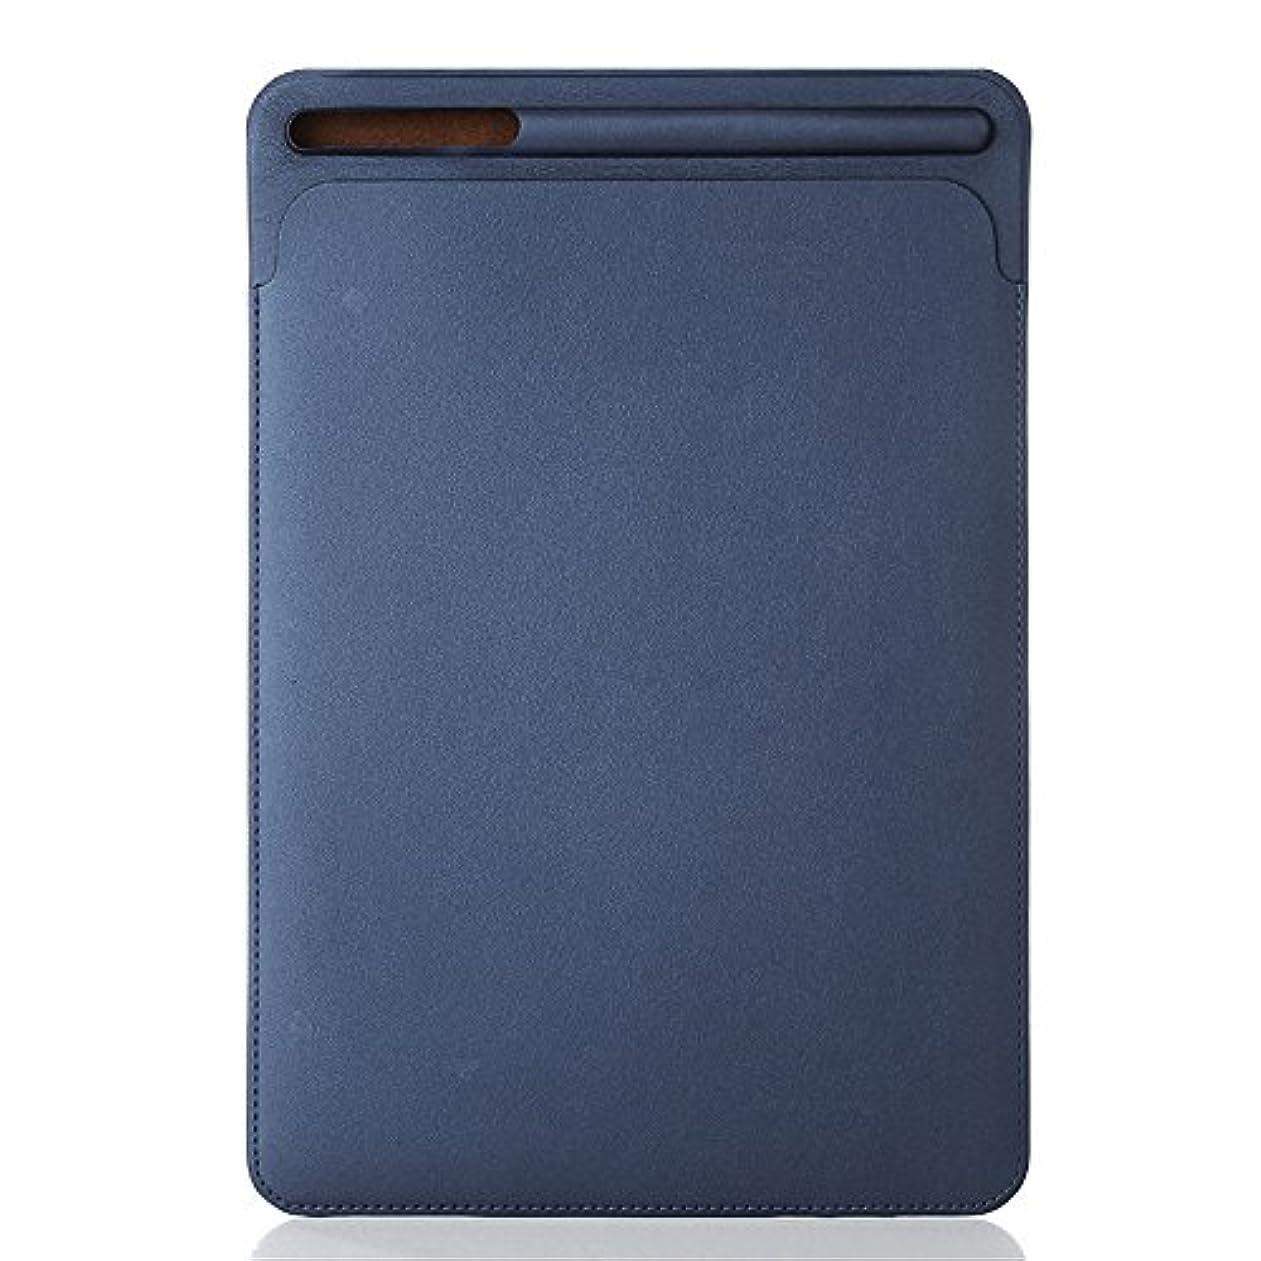 ショッキング駐地補うXIHAMA iPad 9.7スリーブ、ペンシルスタイラスホルダー、超薄型PUレザー保護ケースカバー、Apple iPad 9.7インチ2018用 (青)